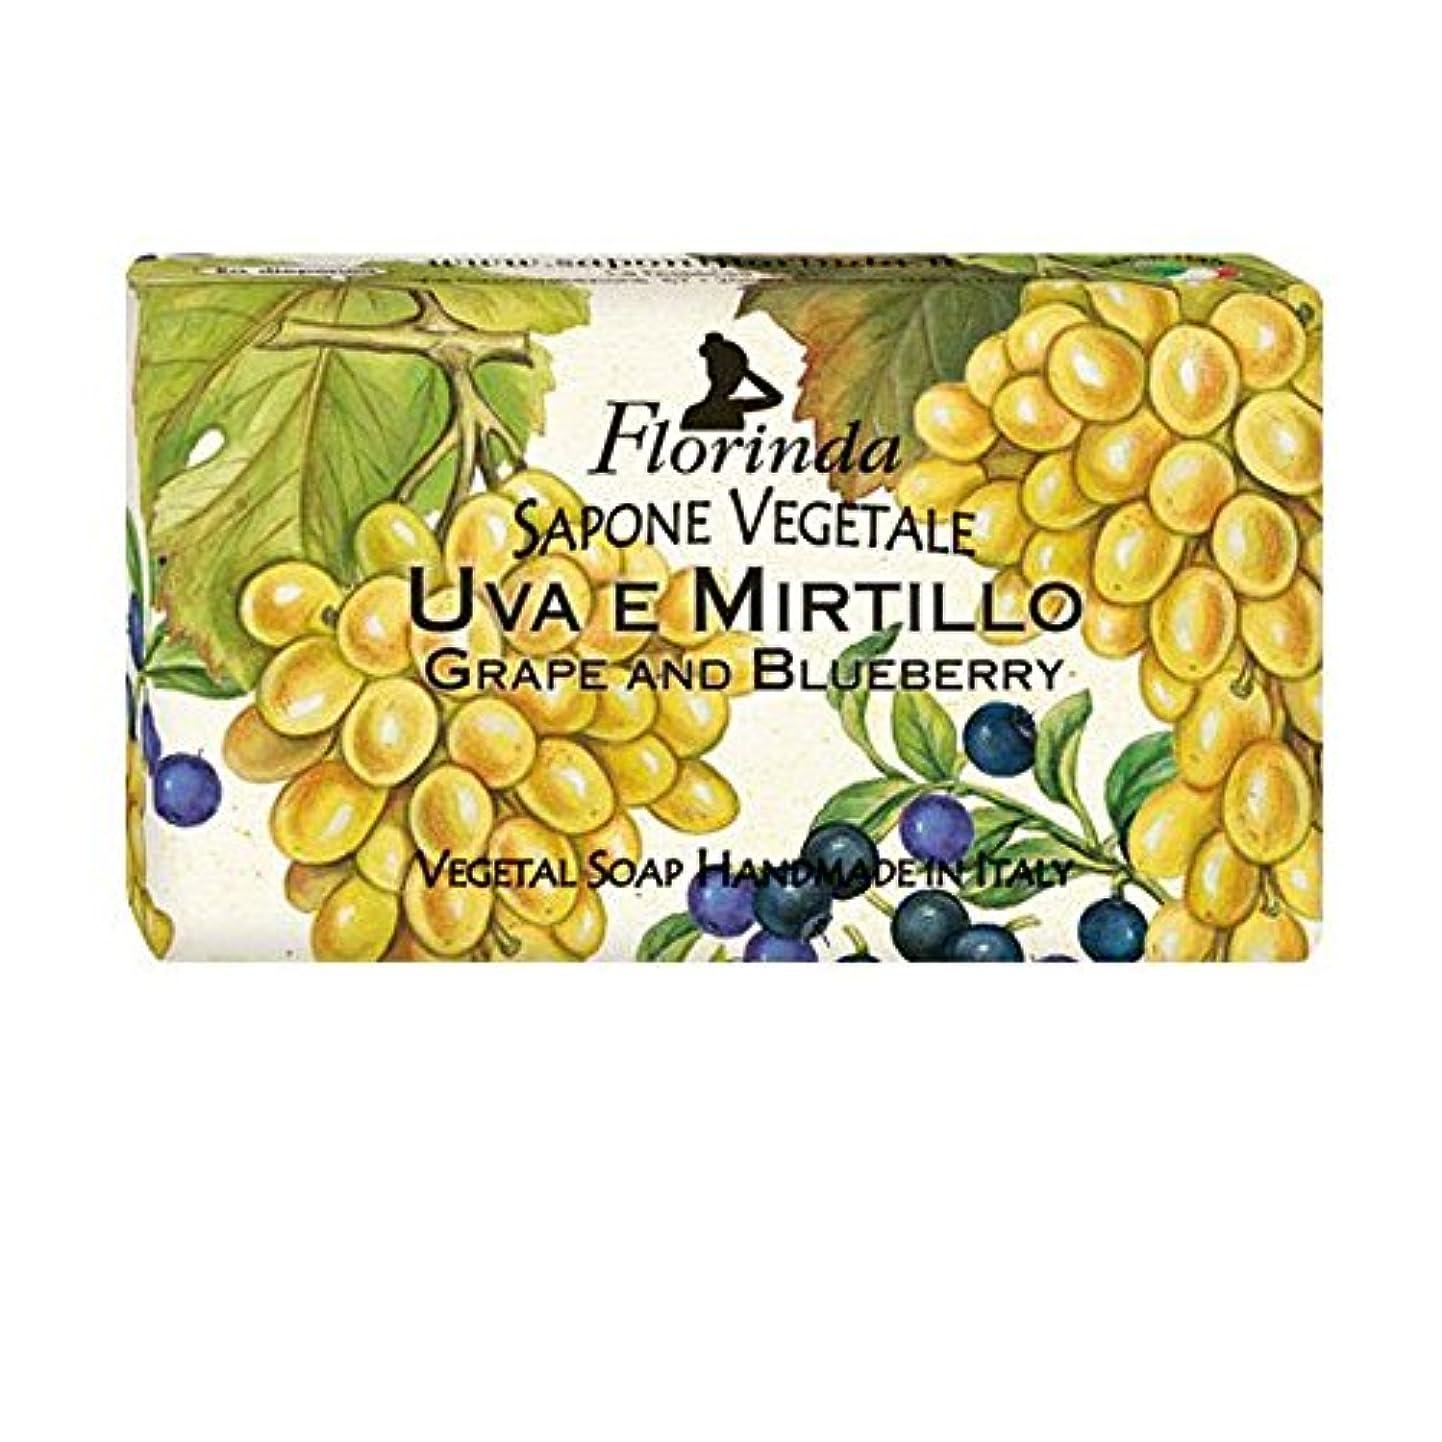 完全に急速な白菜Florinda フロリンダ フレグランスソープ フルーツ グレープ&ブルーベリー 100g [並行輸入品]